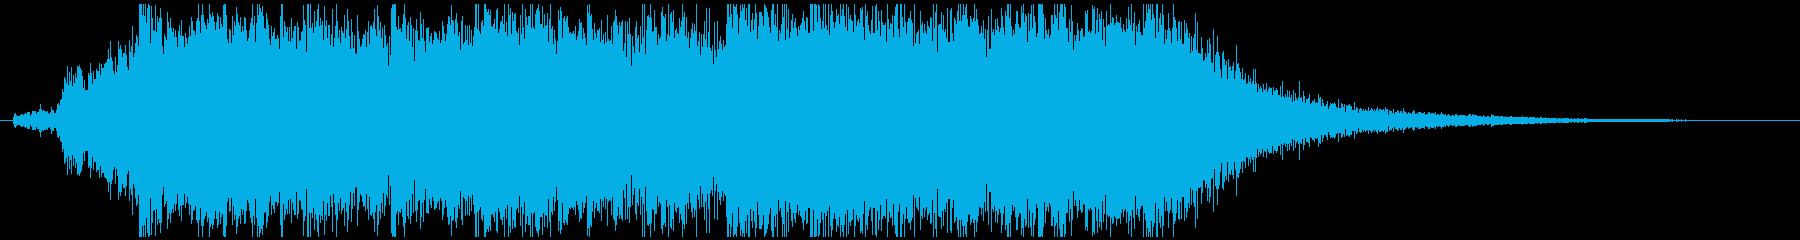 勇ましいシンフォニー系ファンファーレの再生済みの波形